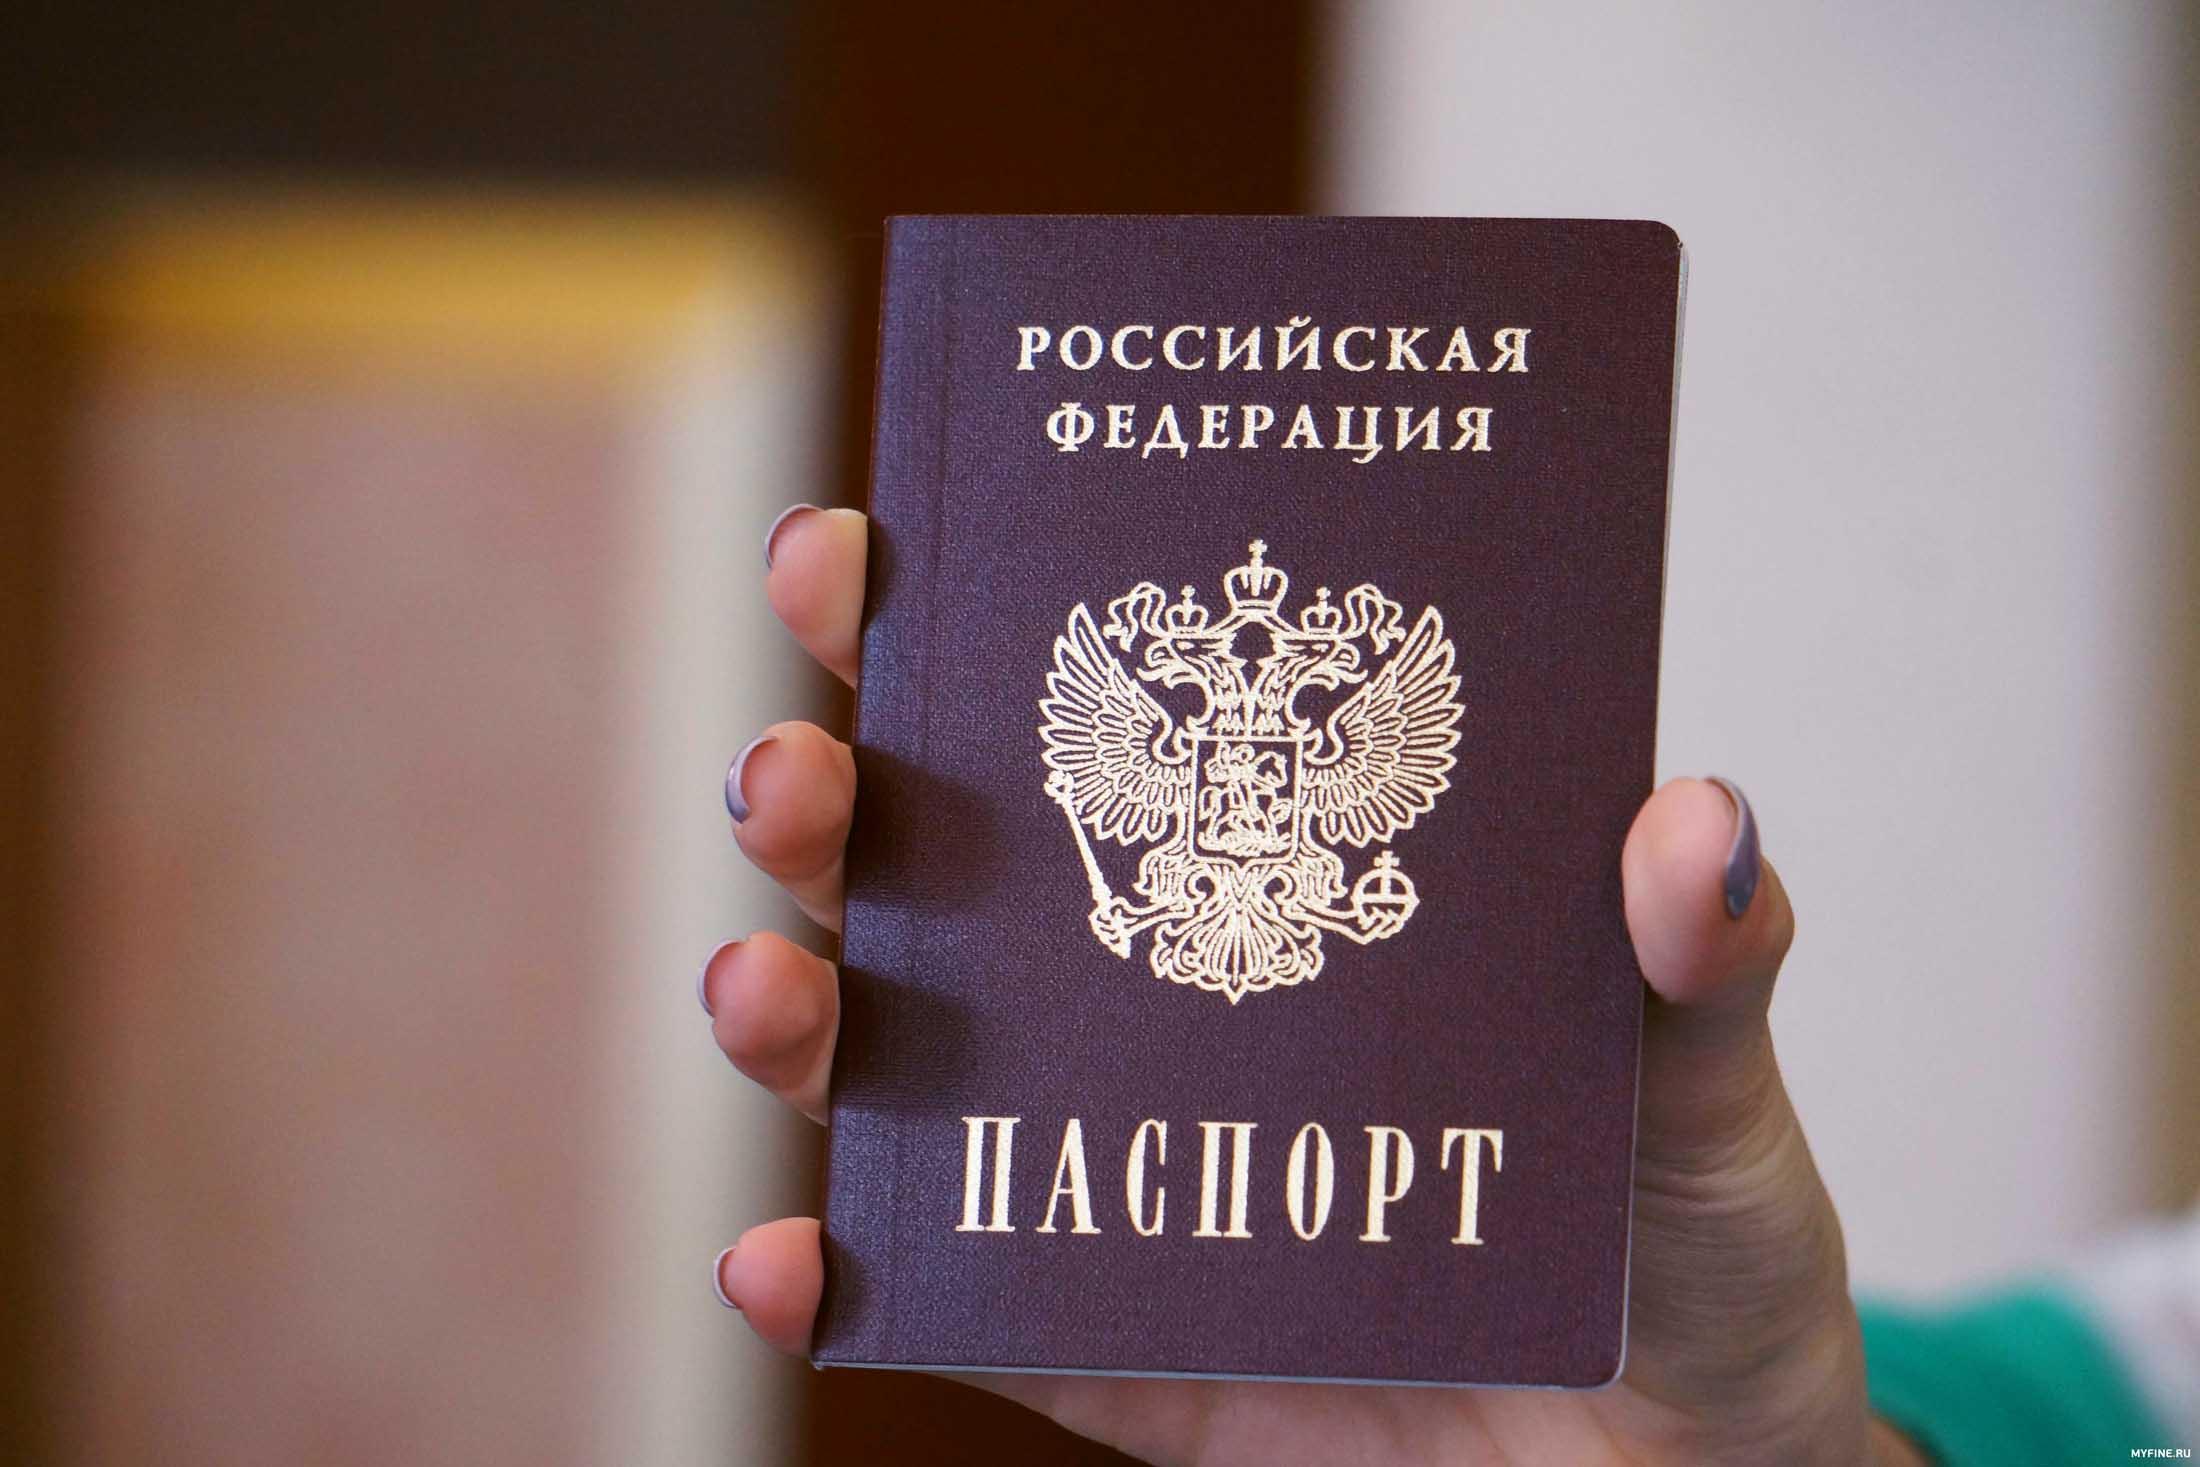 выдача российских паспортов, Донбасс, Ростовская область, новости, Украина, Россия, Литва, Евросоюз